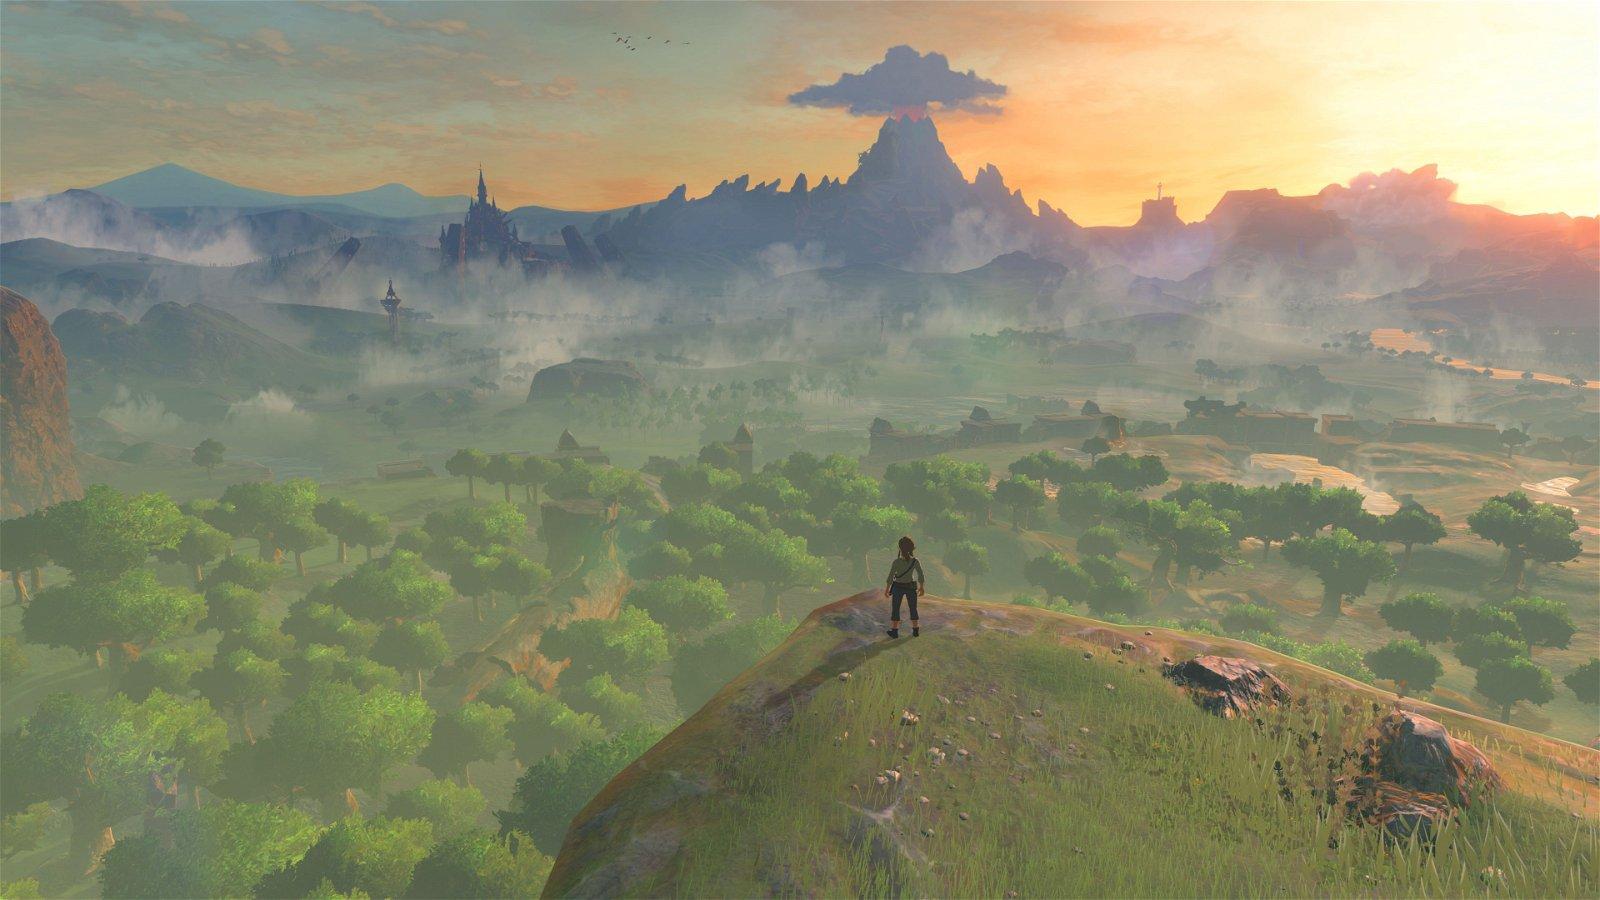 The Legend of Zelda: Un jugador publica un libro con sus fotografías de Breath of the Wild